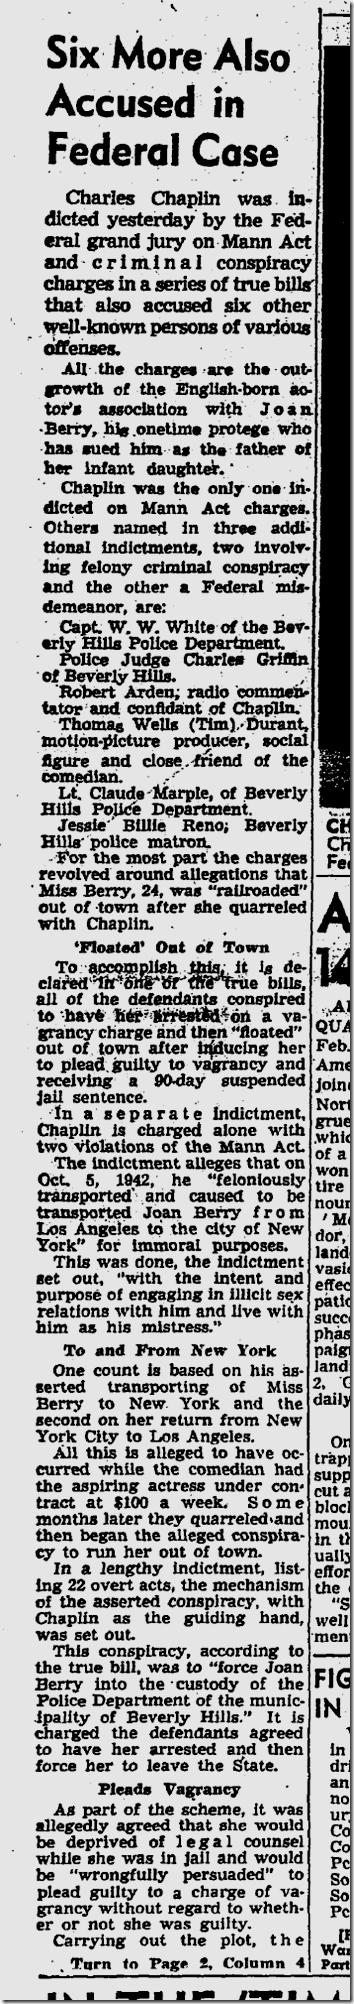 Feb. 11, 1944, Chaplin Indicted